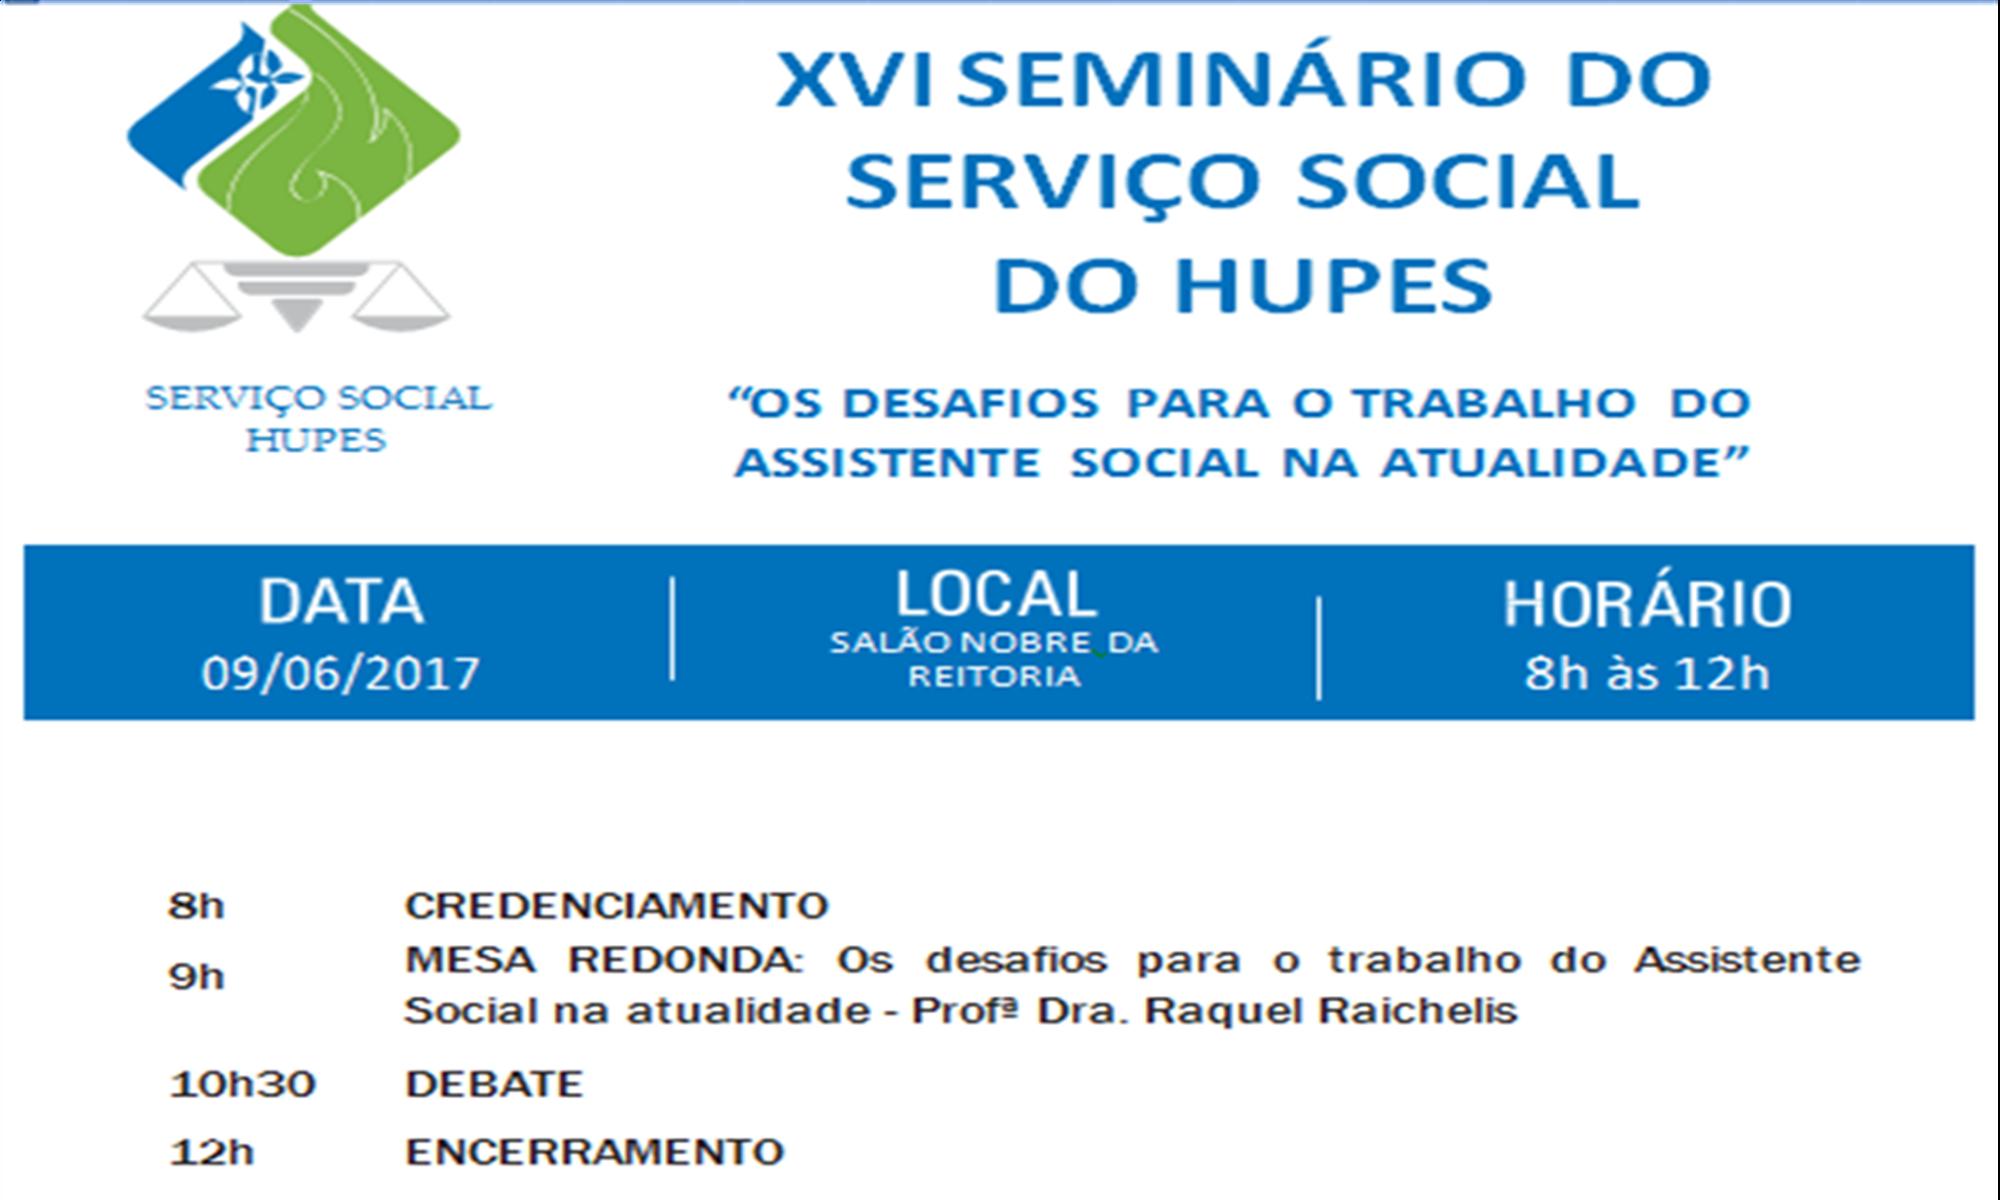 A Diretoria Técnica do Hupes promove o XVI Seminário em comemoração ao Dia do Assistente Social